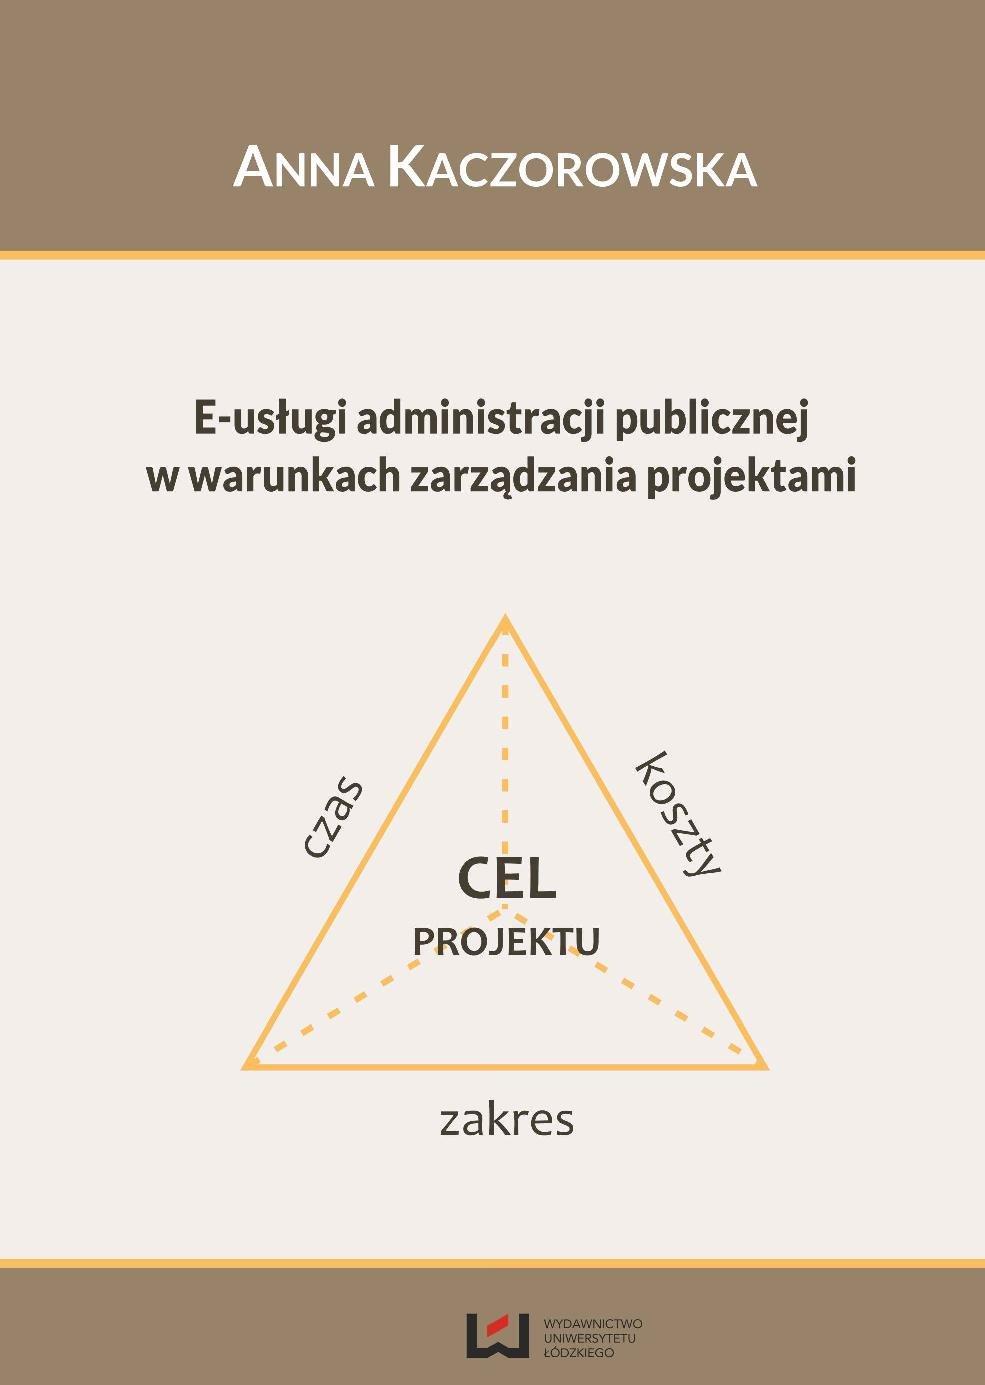 E-usługi administracji publicznej w warunkach zarządzania projektami - Ebook (Książka PDF) do pobrania w formacie PDF